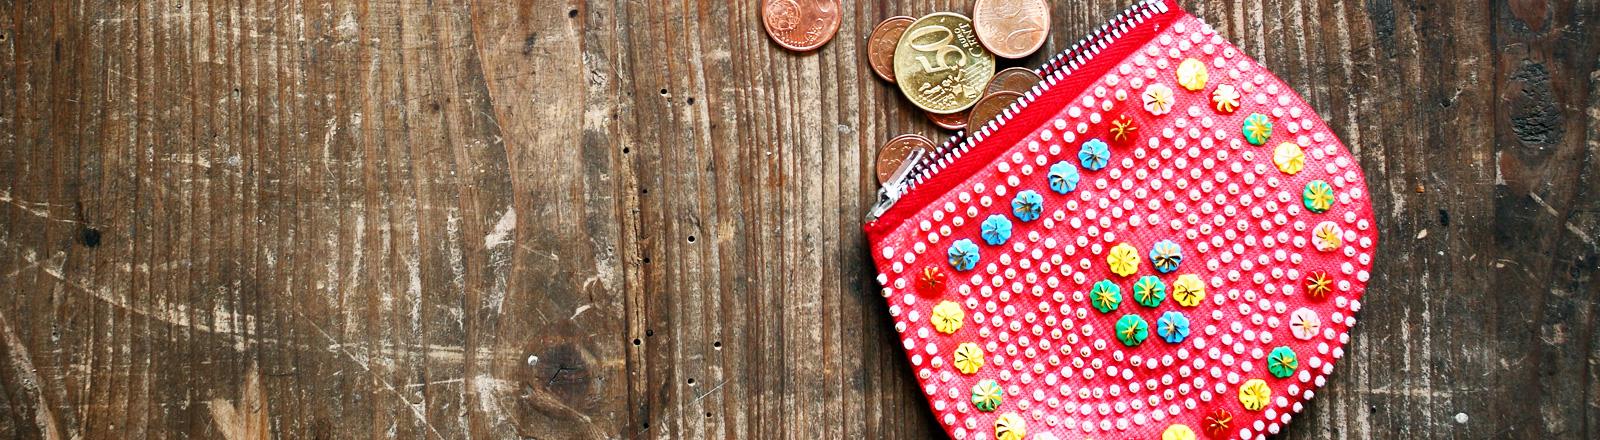 Kleiner Geldbeutel mit Kleingeld